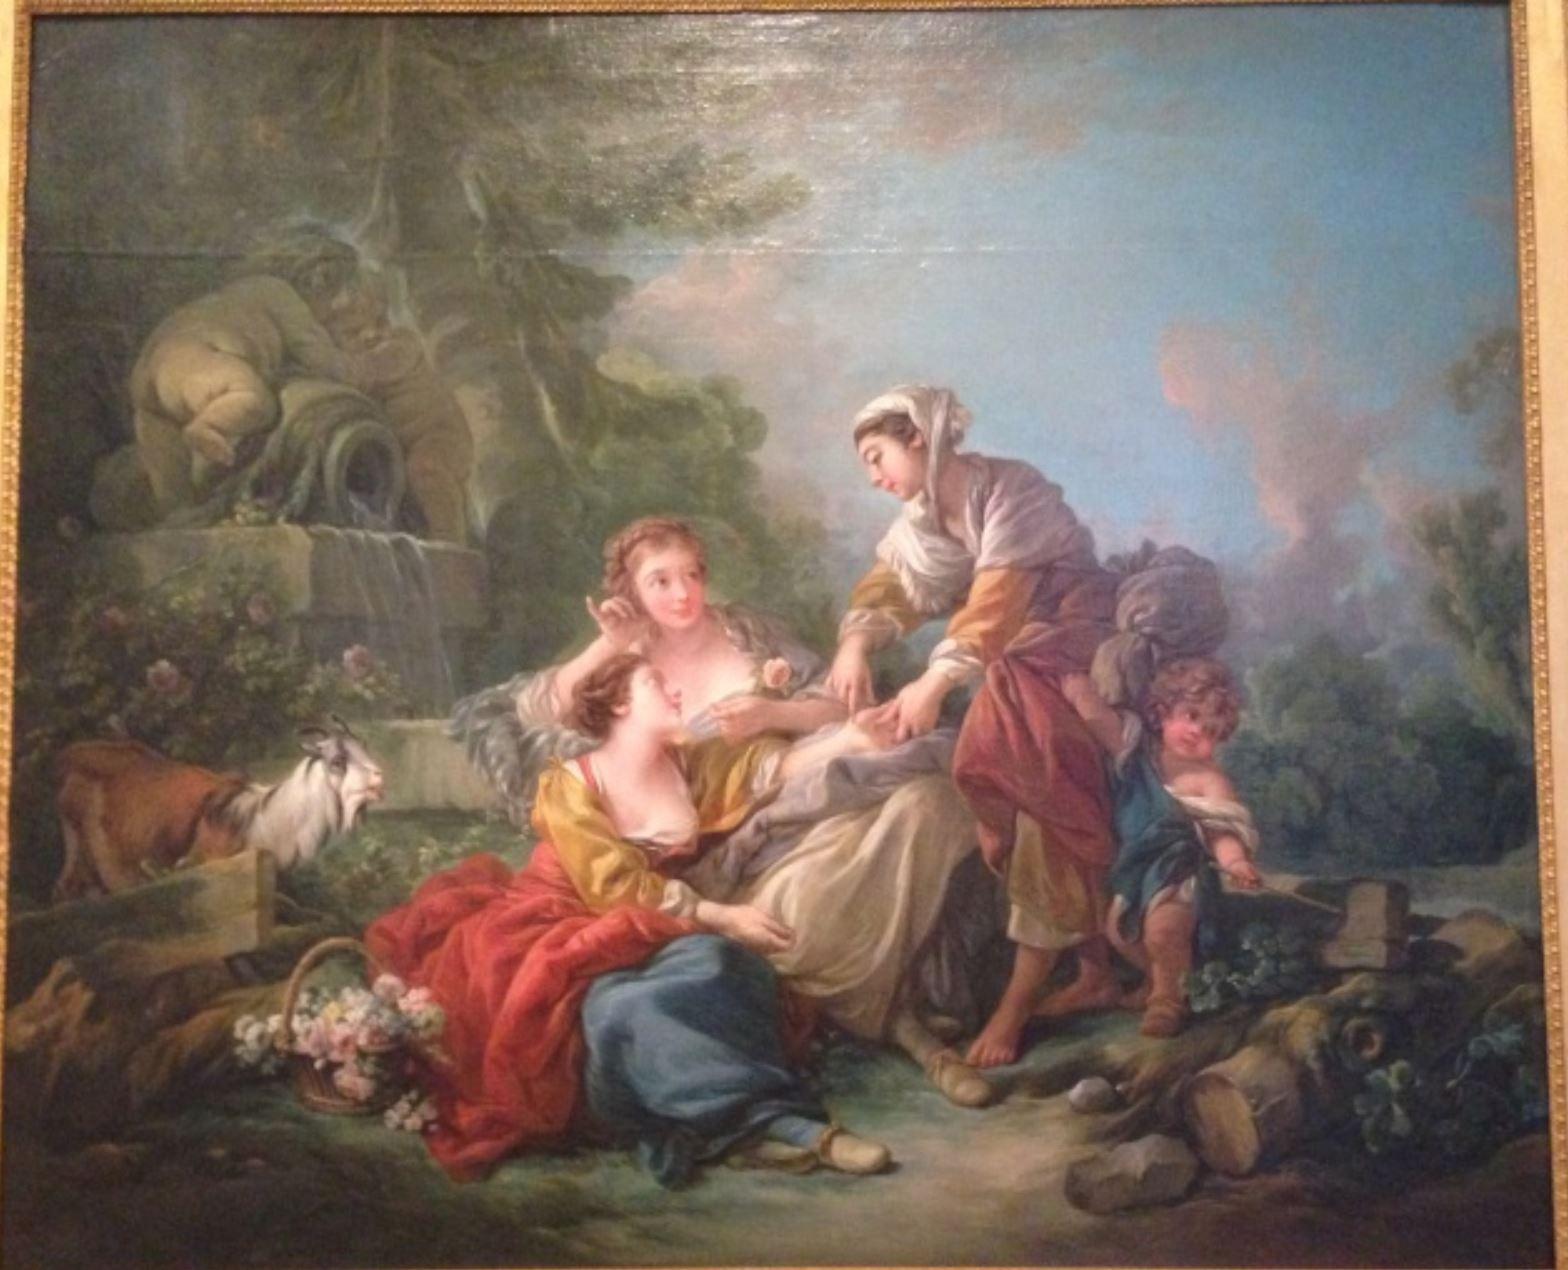 Boucher 1767 La diseuse de bonne aventure mobilier national